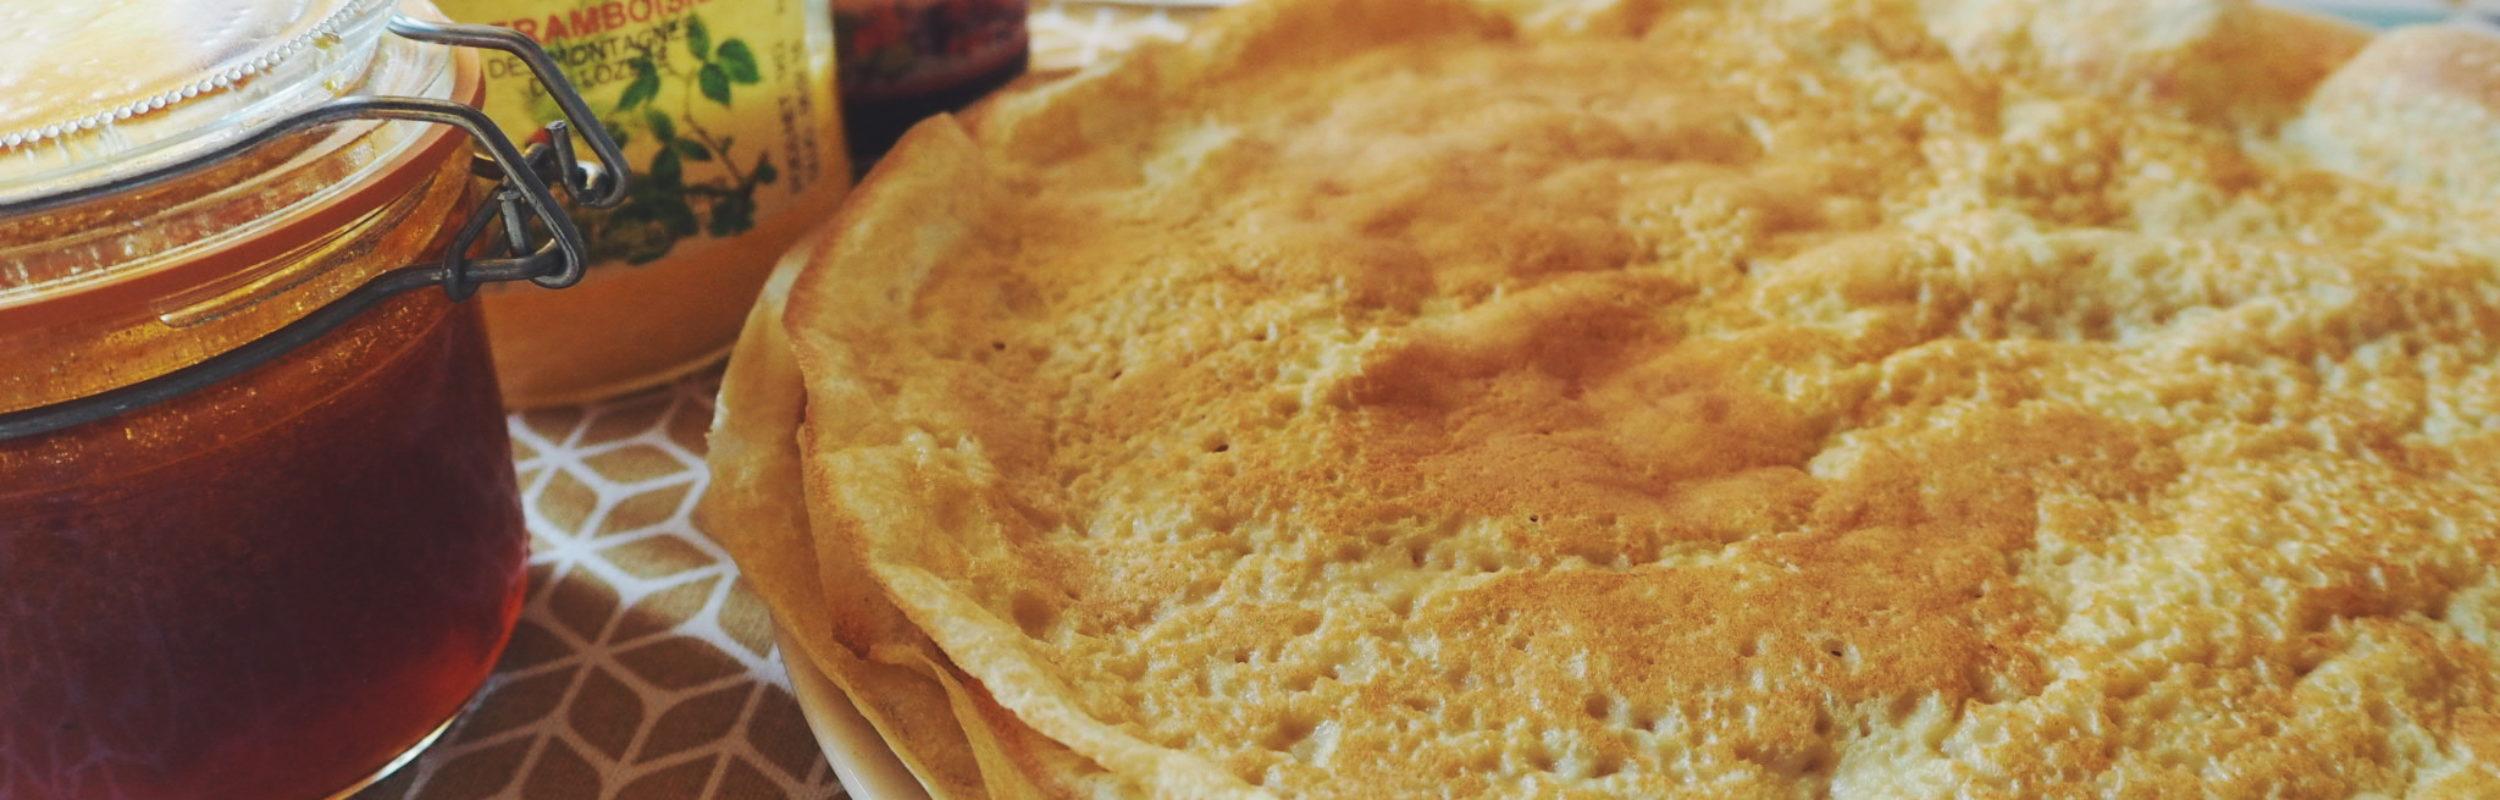 Recette de Bretagne : des crêpes au lait d'amande délicieuses !